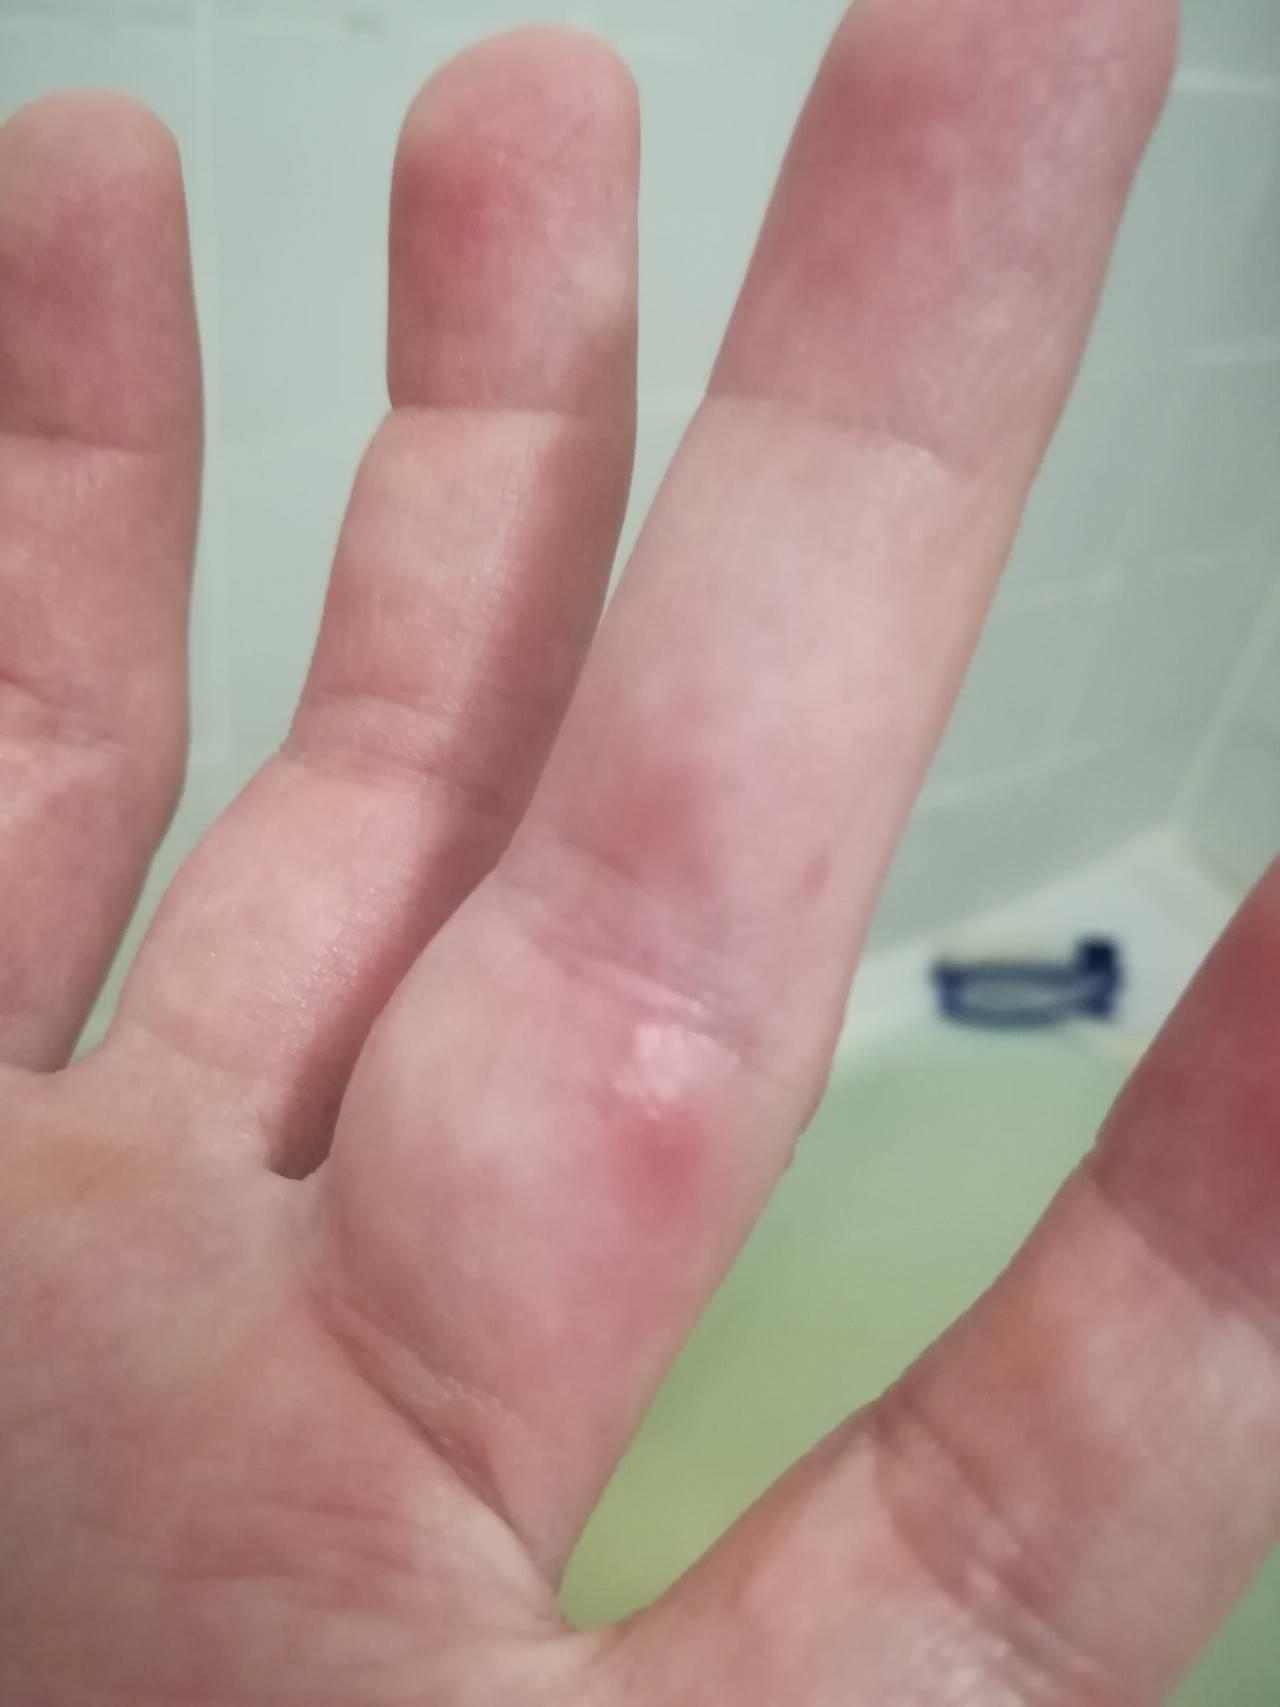 Мелкие прыщики на пальцах рук чешутся - все о здоровье